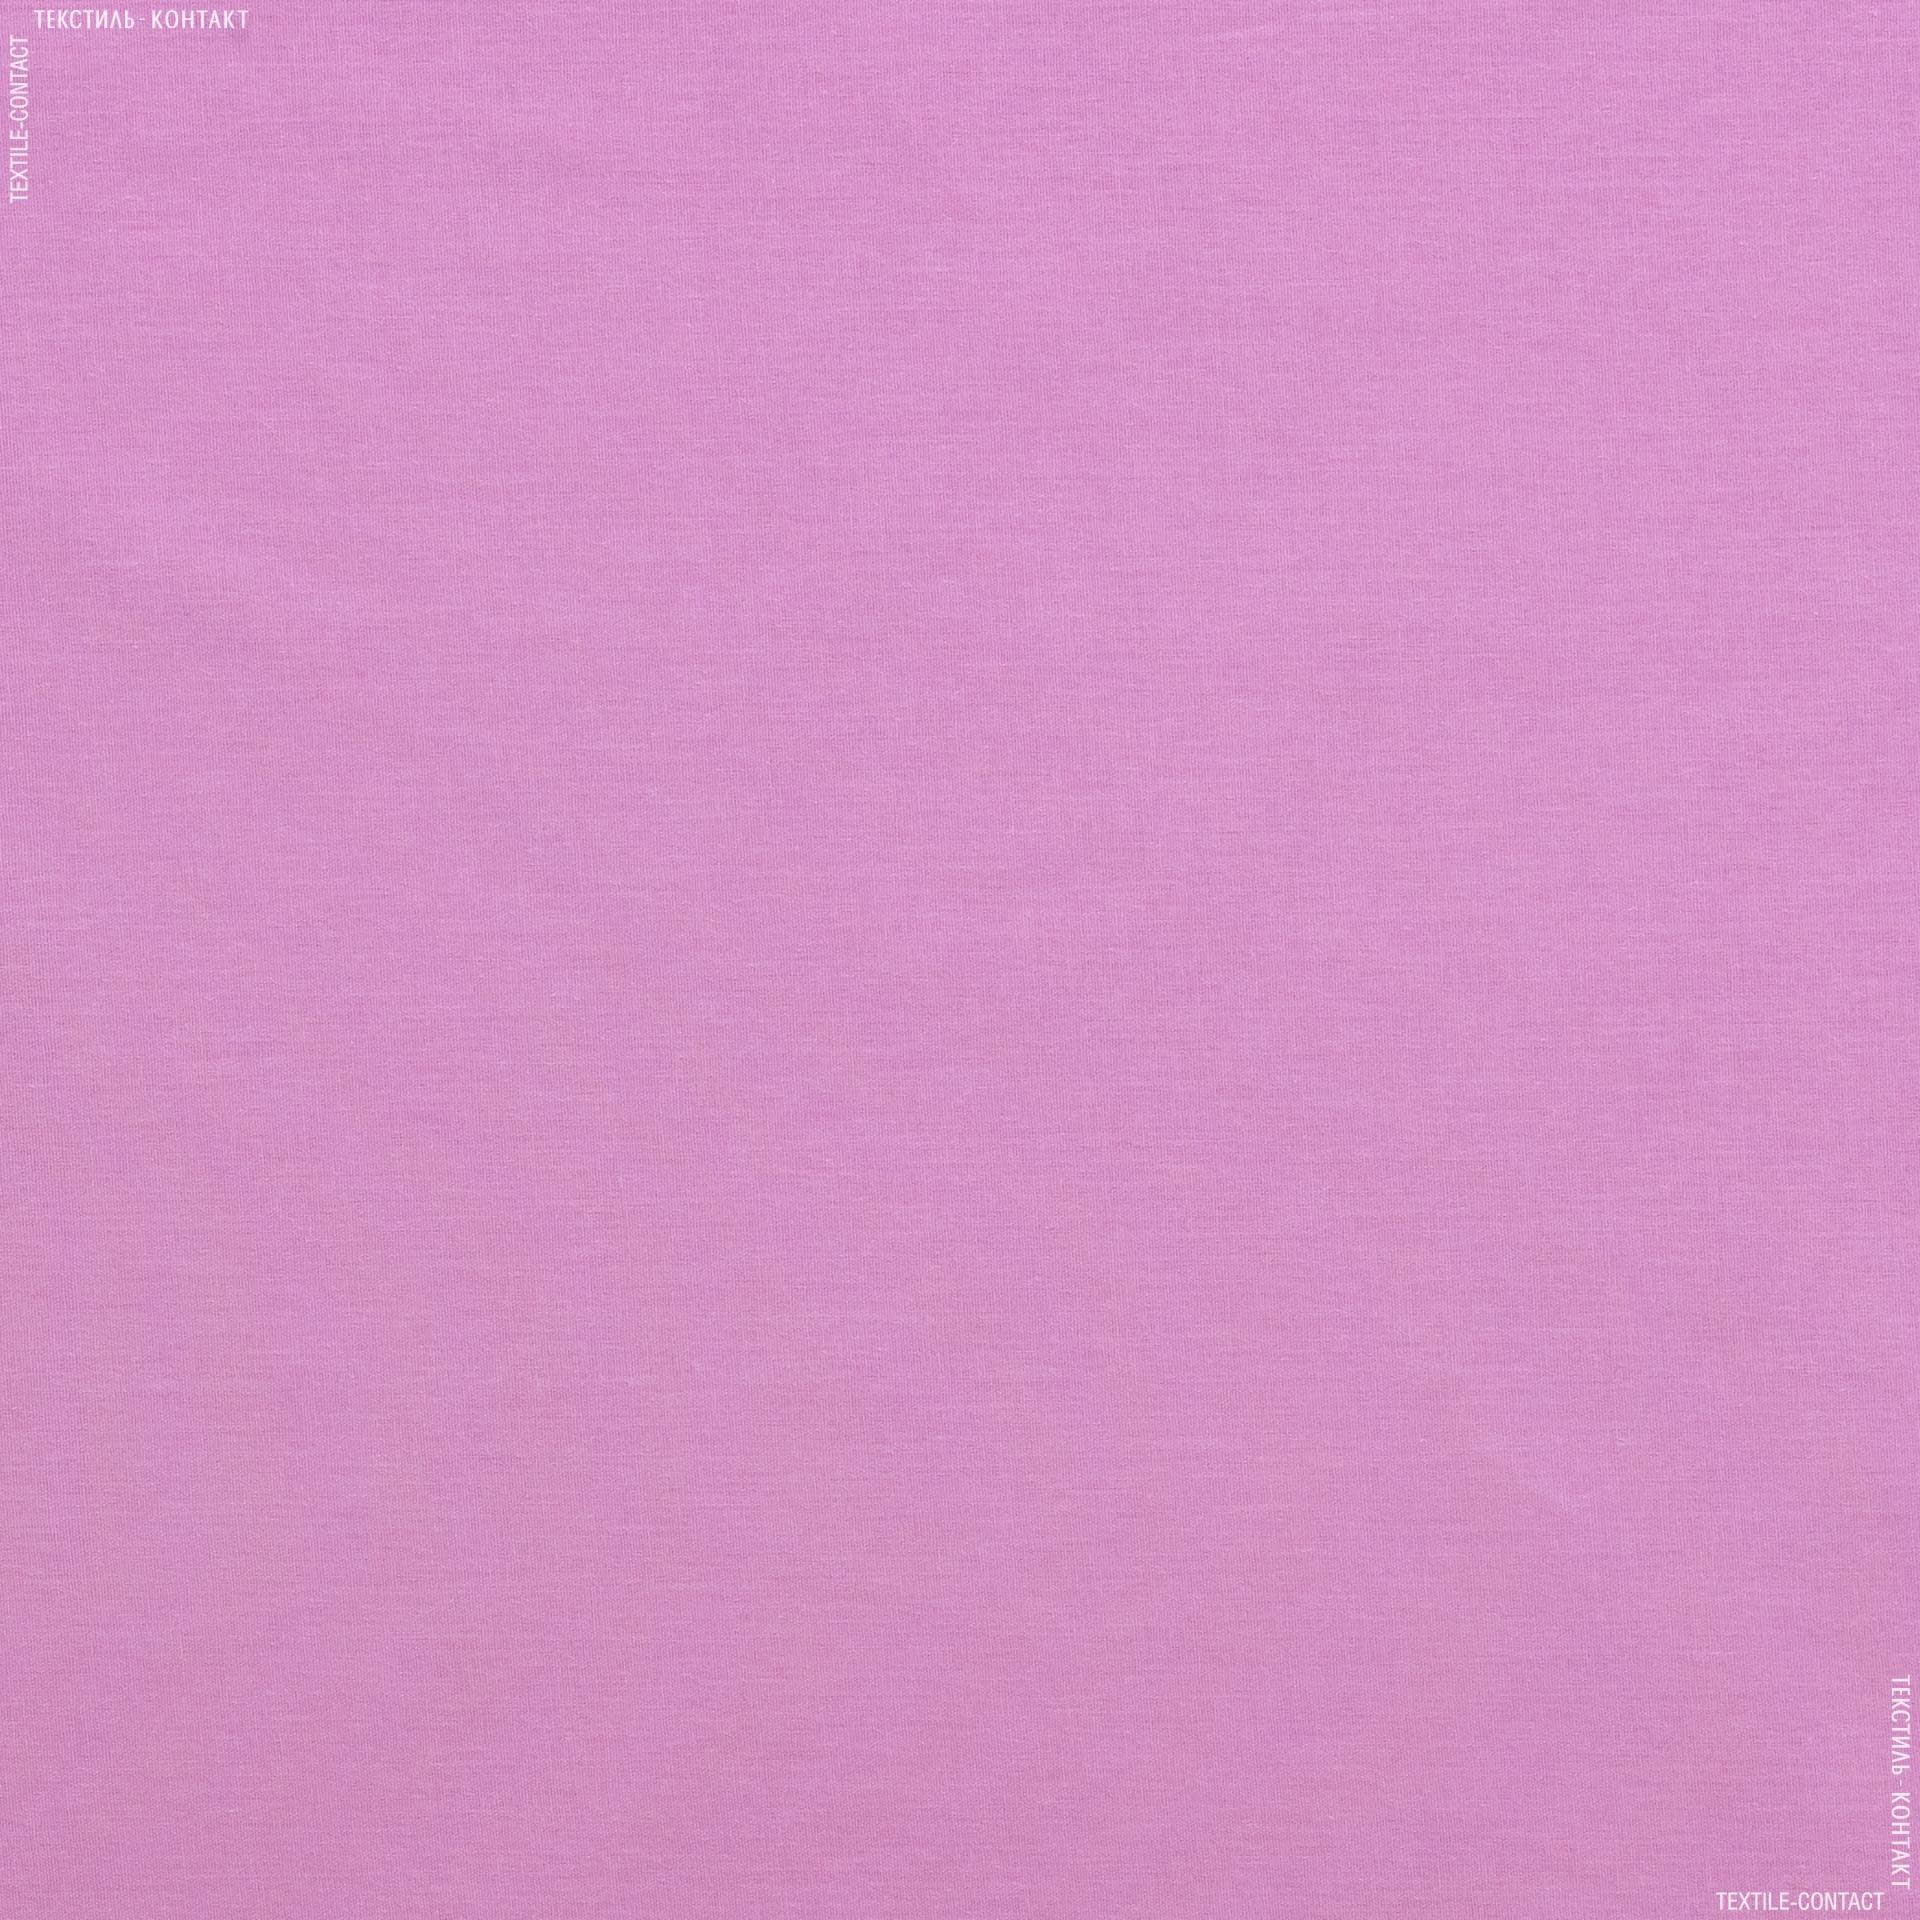 Тканини для постільної білизни - Бязь гладкофарбована рожева